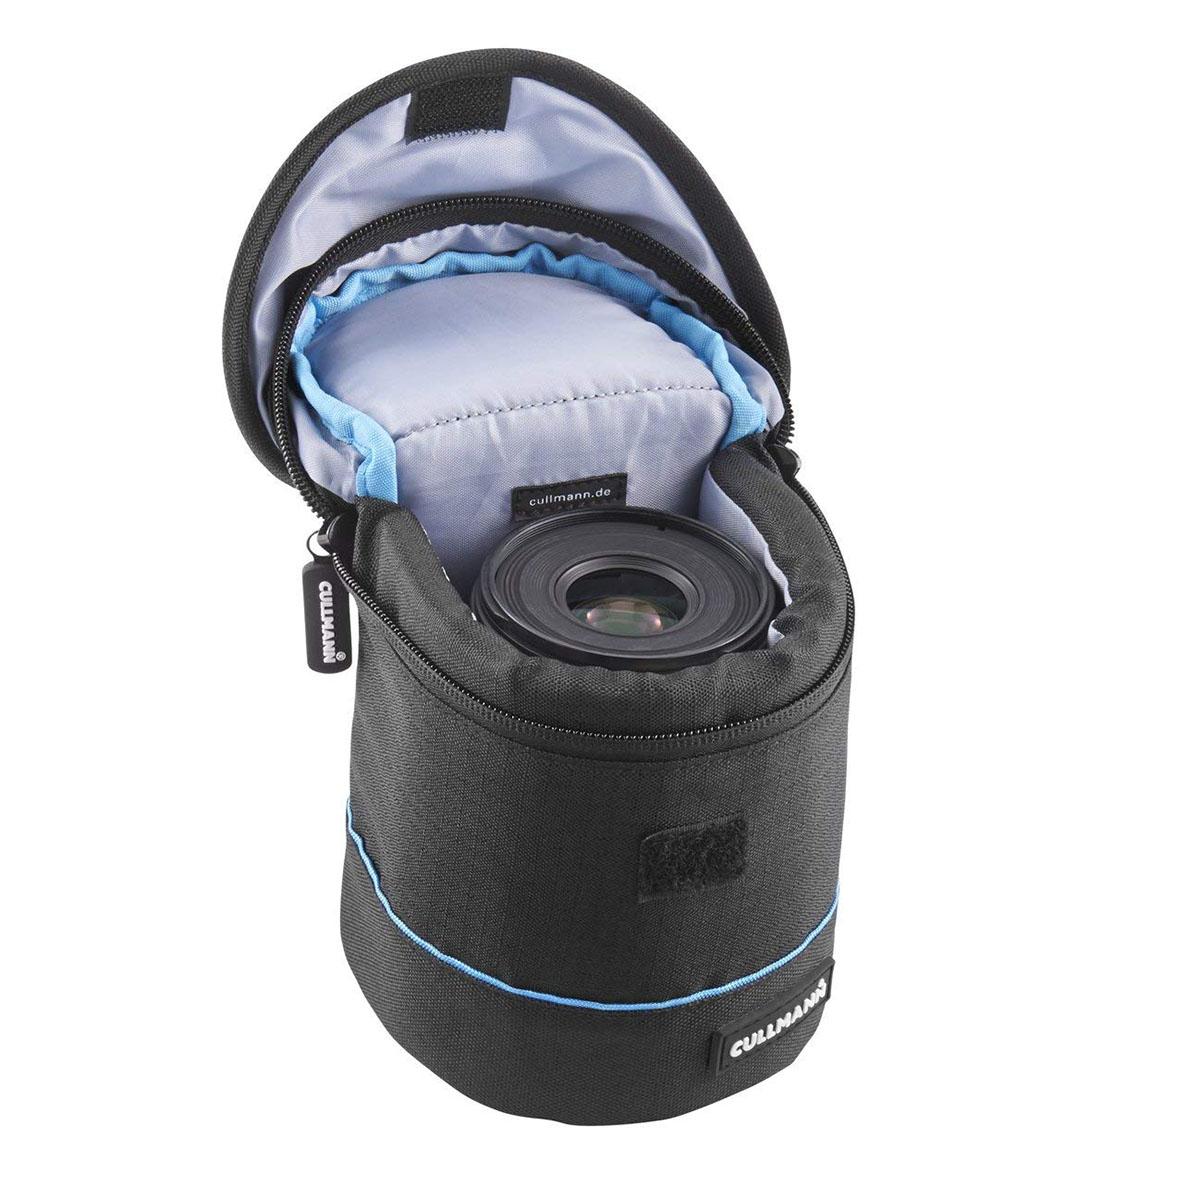 کیف لنز ULTRALIGHT Pro Lens 200 کولمن